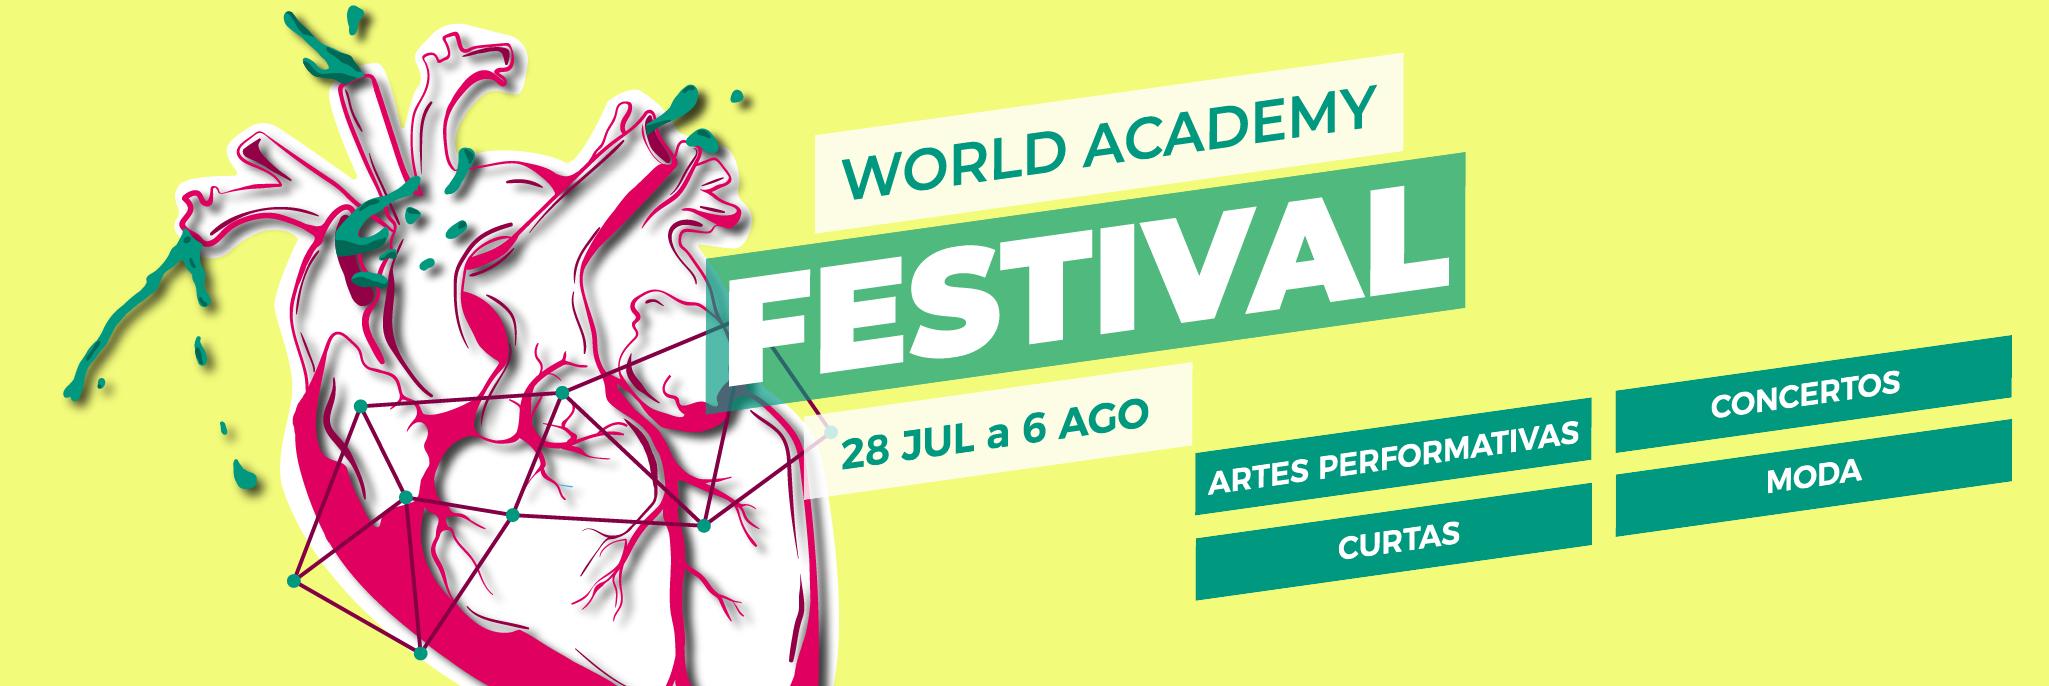 Festival WA